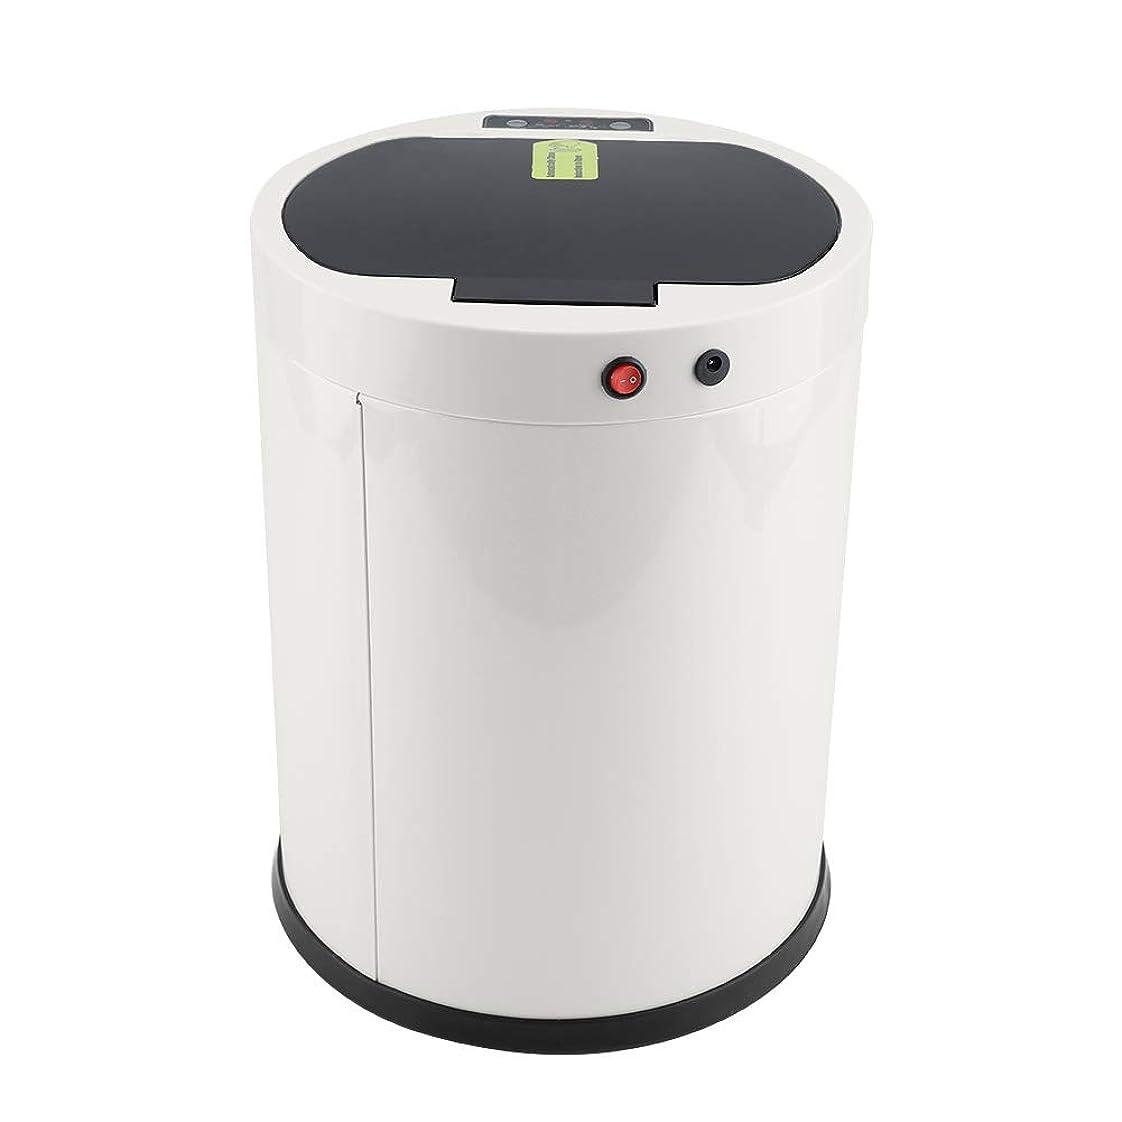 入射曇った本センサーゴミ箱センサーゴミ箱、10L USBステンレススチール自動センサーゴミ箱ゴミ箱ゴミ箱ゴミ箱